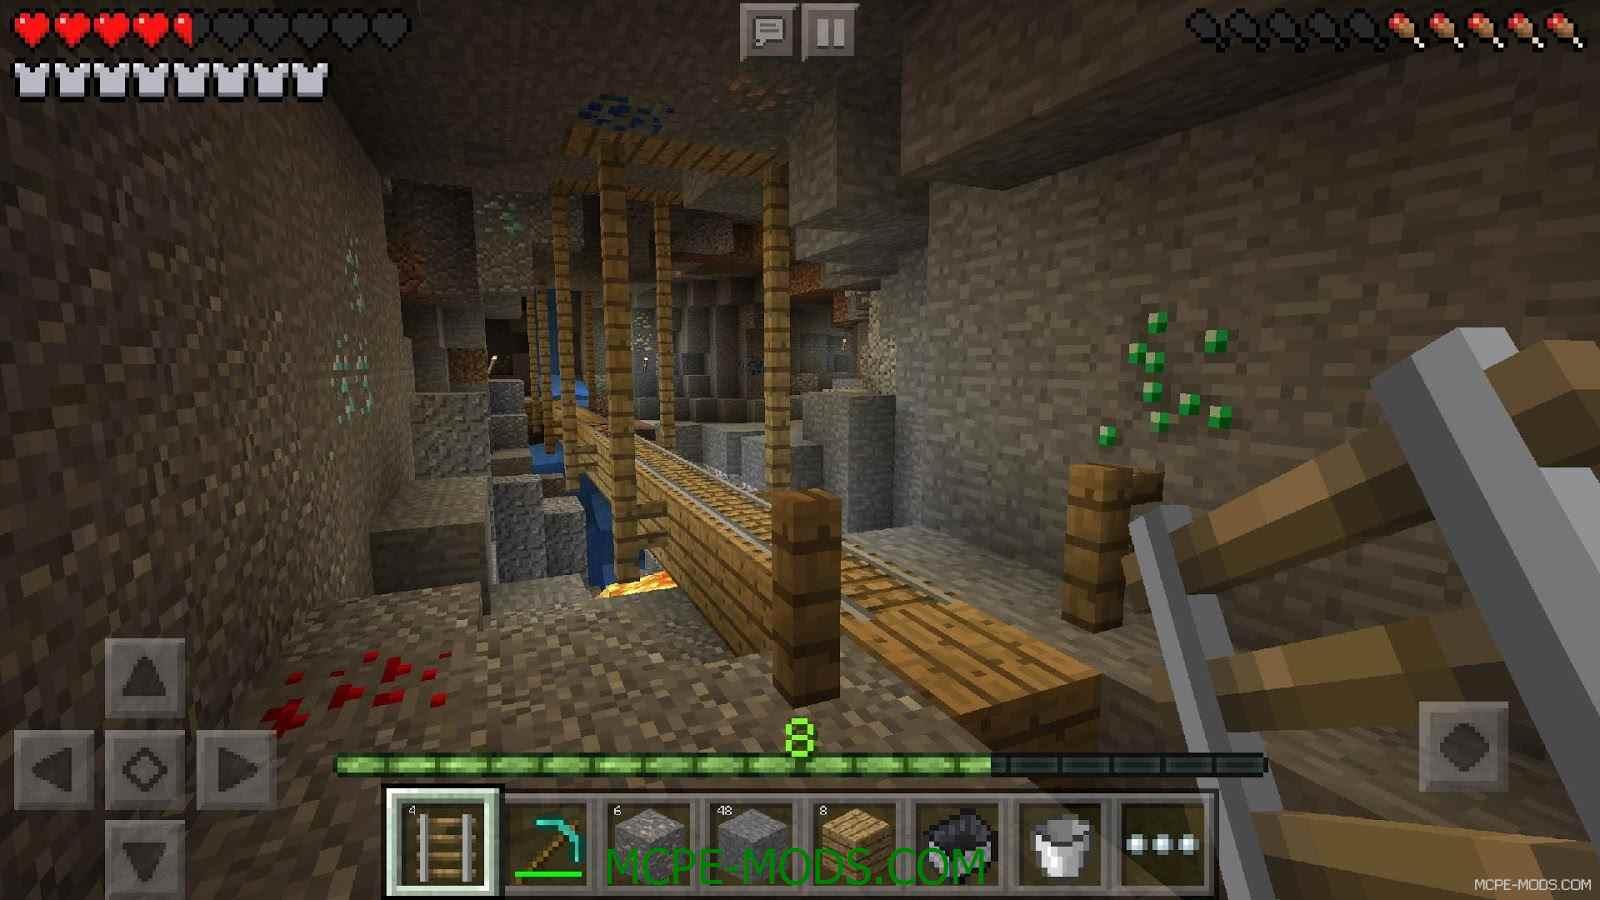 Minecraft Pocket Edition 0.15.0 Build 1